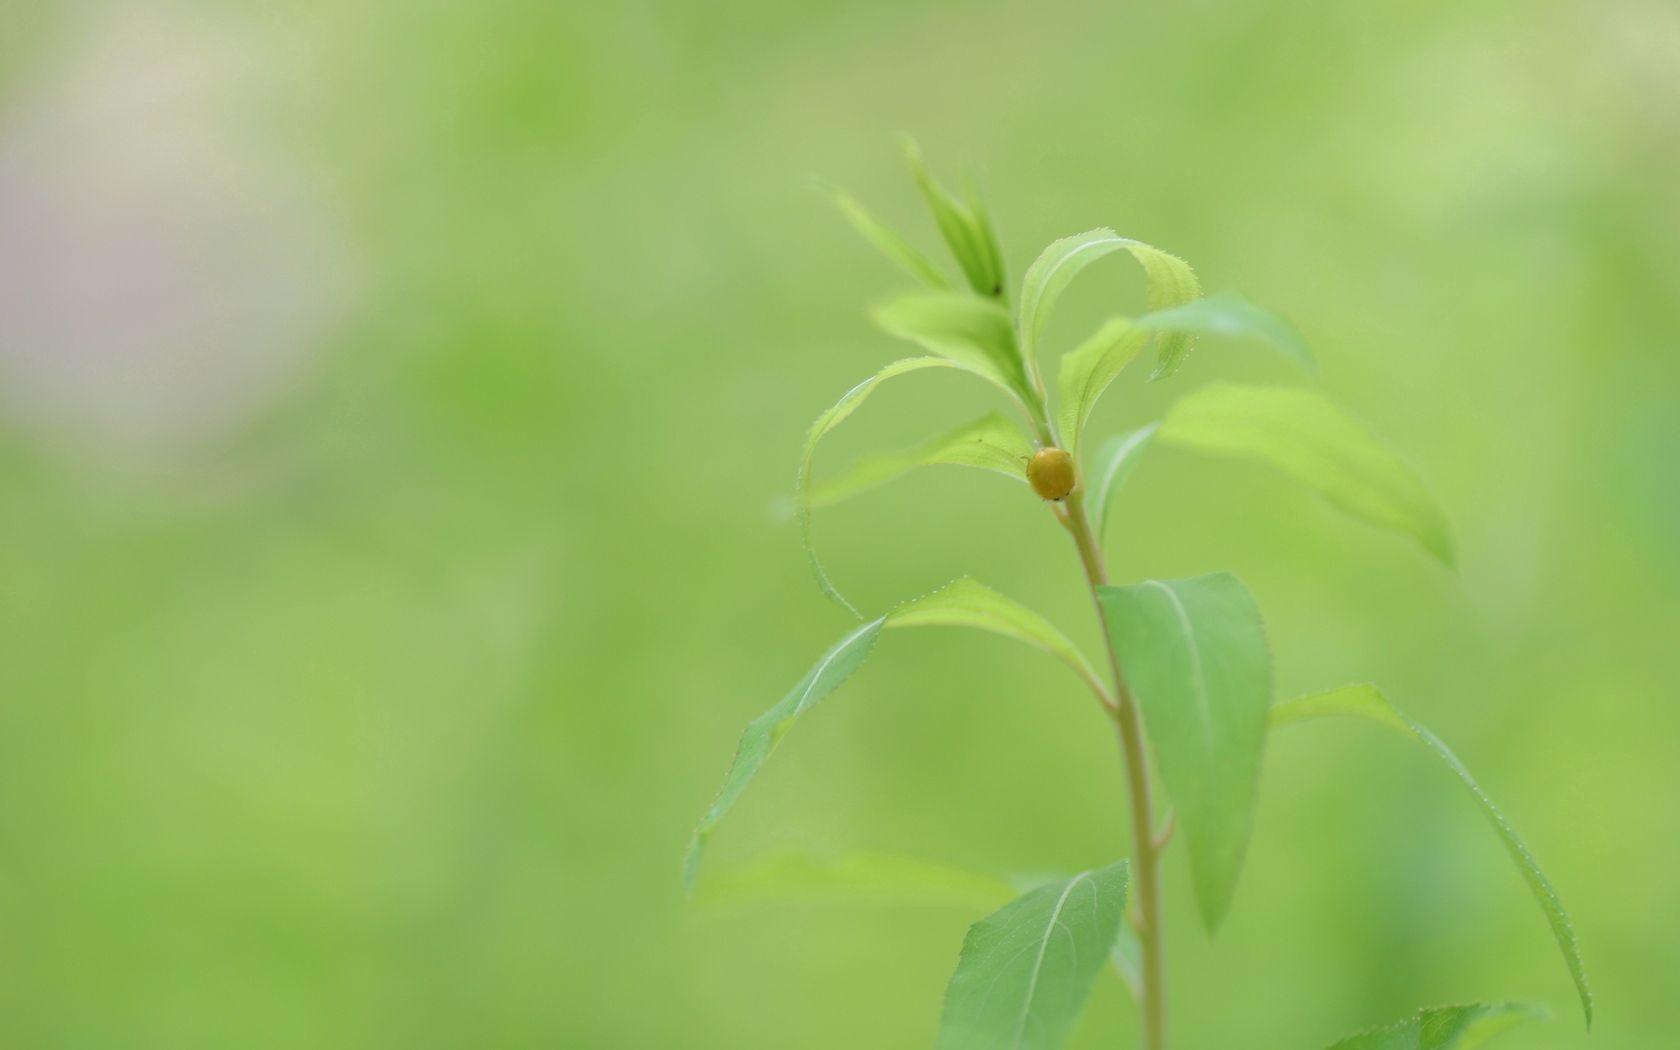 139494 скачать обои Макро, Растение, Стебель, Листья, Жук, Насекомое, Зелень, Природа - заставки и картинки бесплатно